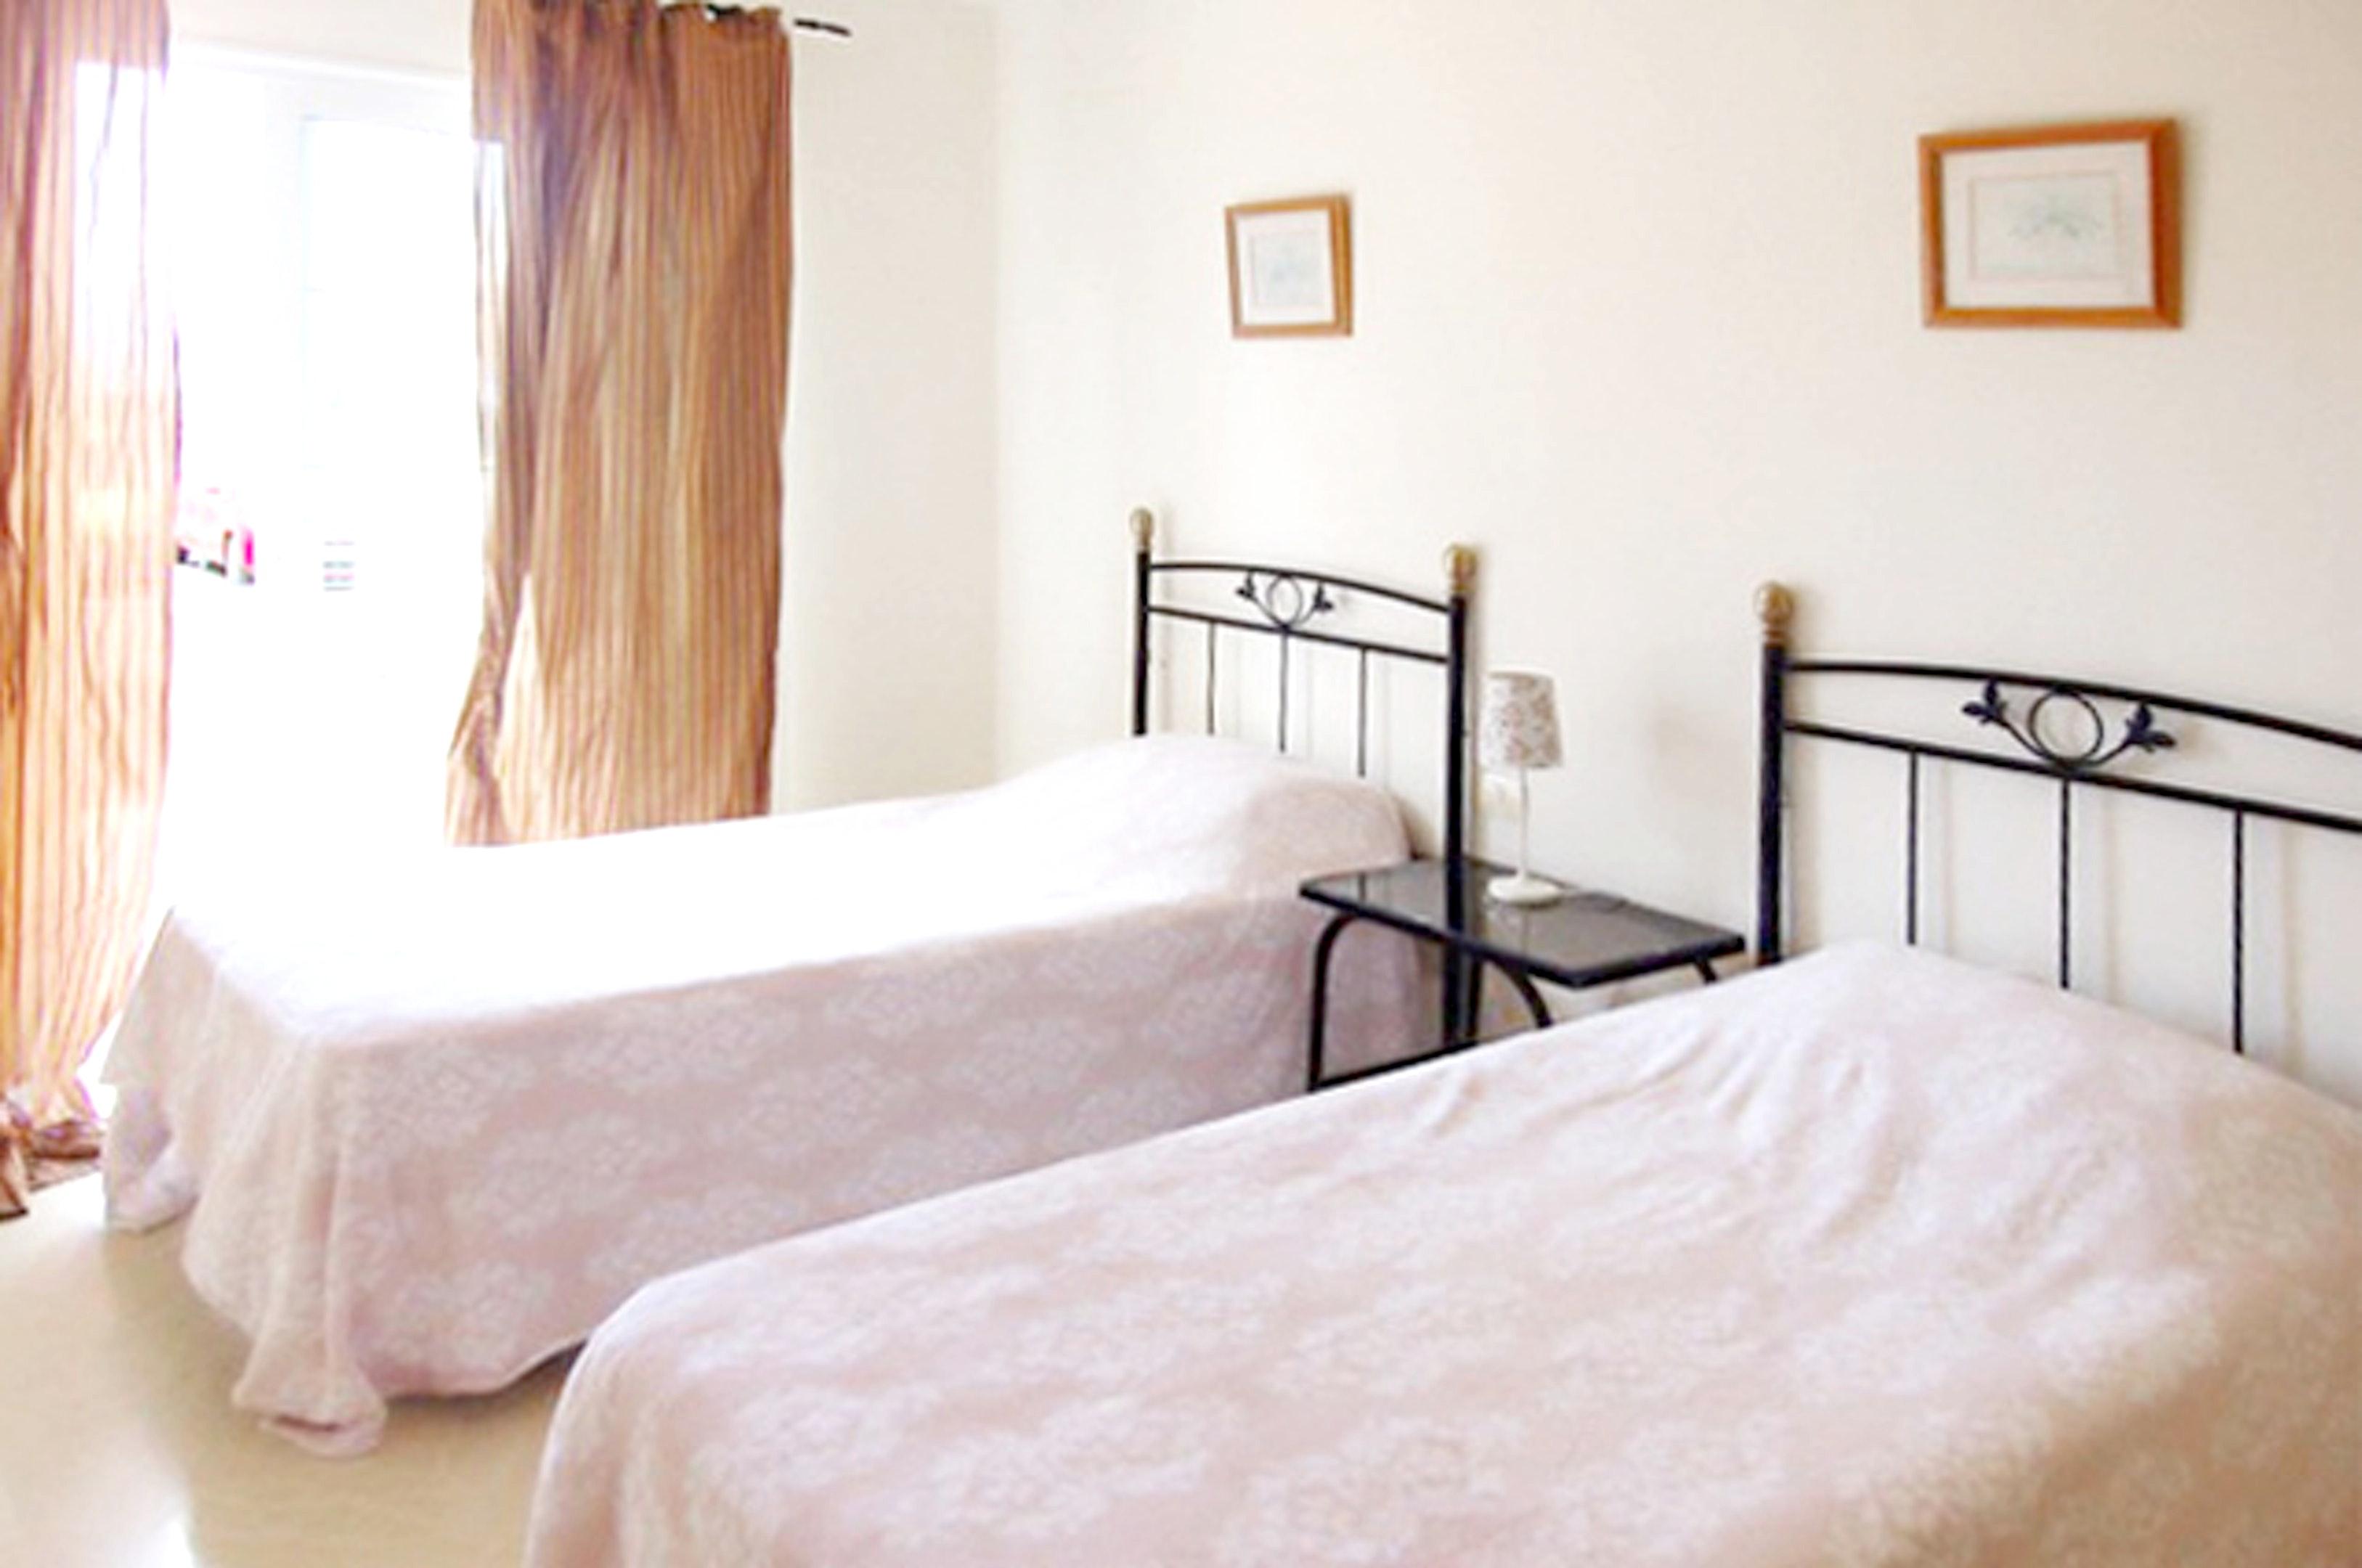 Appartement de vacances Wohnung mit 2 Schlafzimmern in Palm-Mar mit Pool, möblierter Terrasse und W-LAN - 800 m vo (2201692), Palm-Mar, Ténérife, Iles Canaries, Espagne, image 15